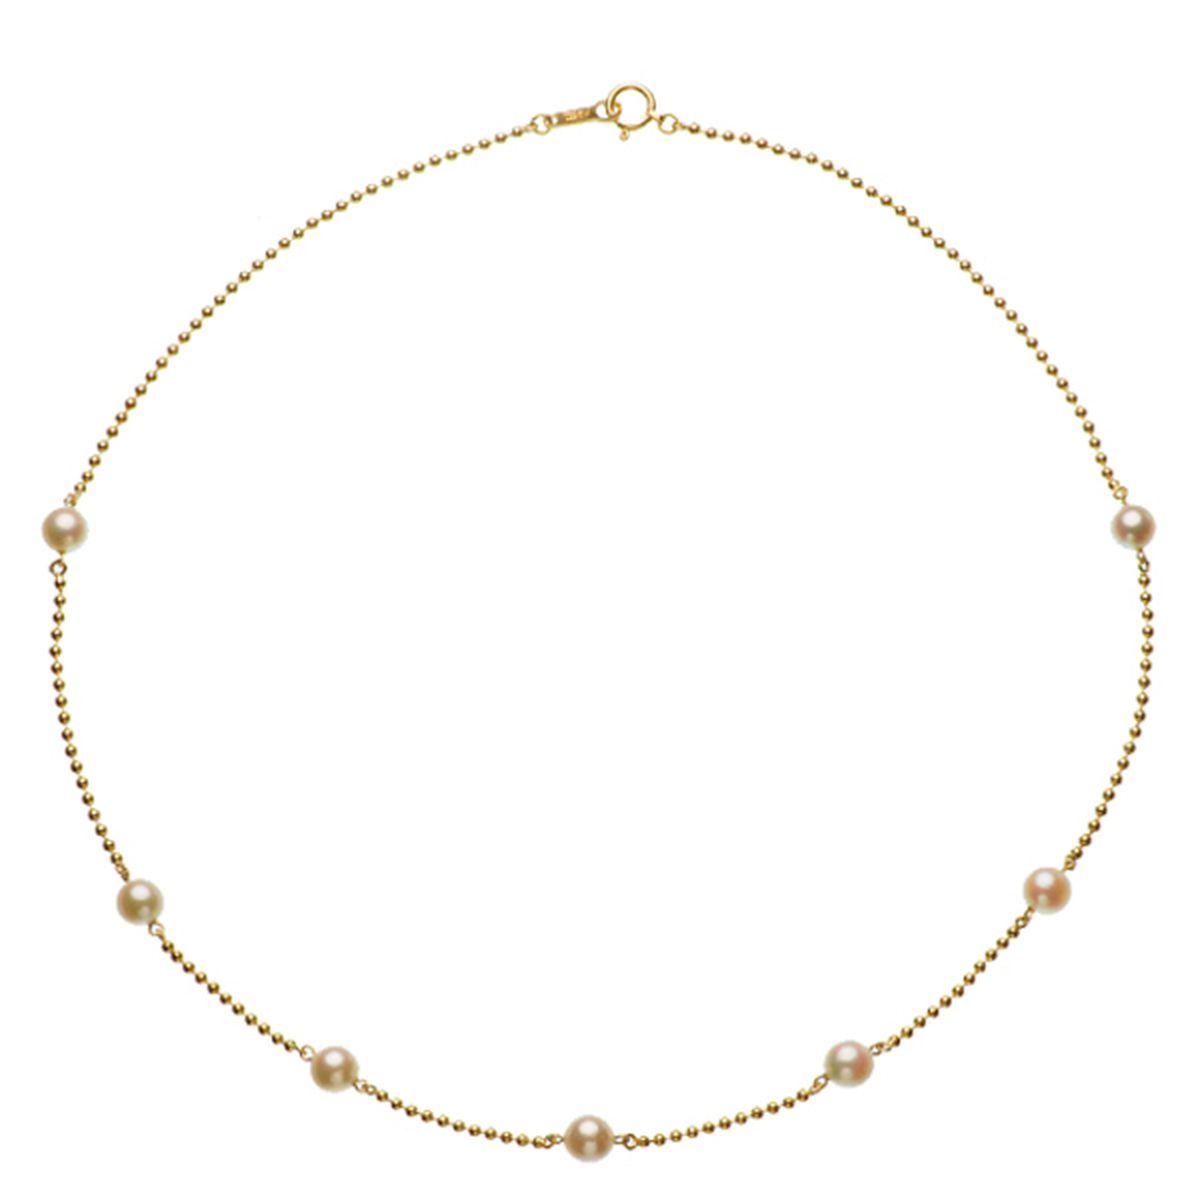 アコヤ真珠オリジナルデザインネックレス 約5.5mmの写真